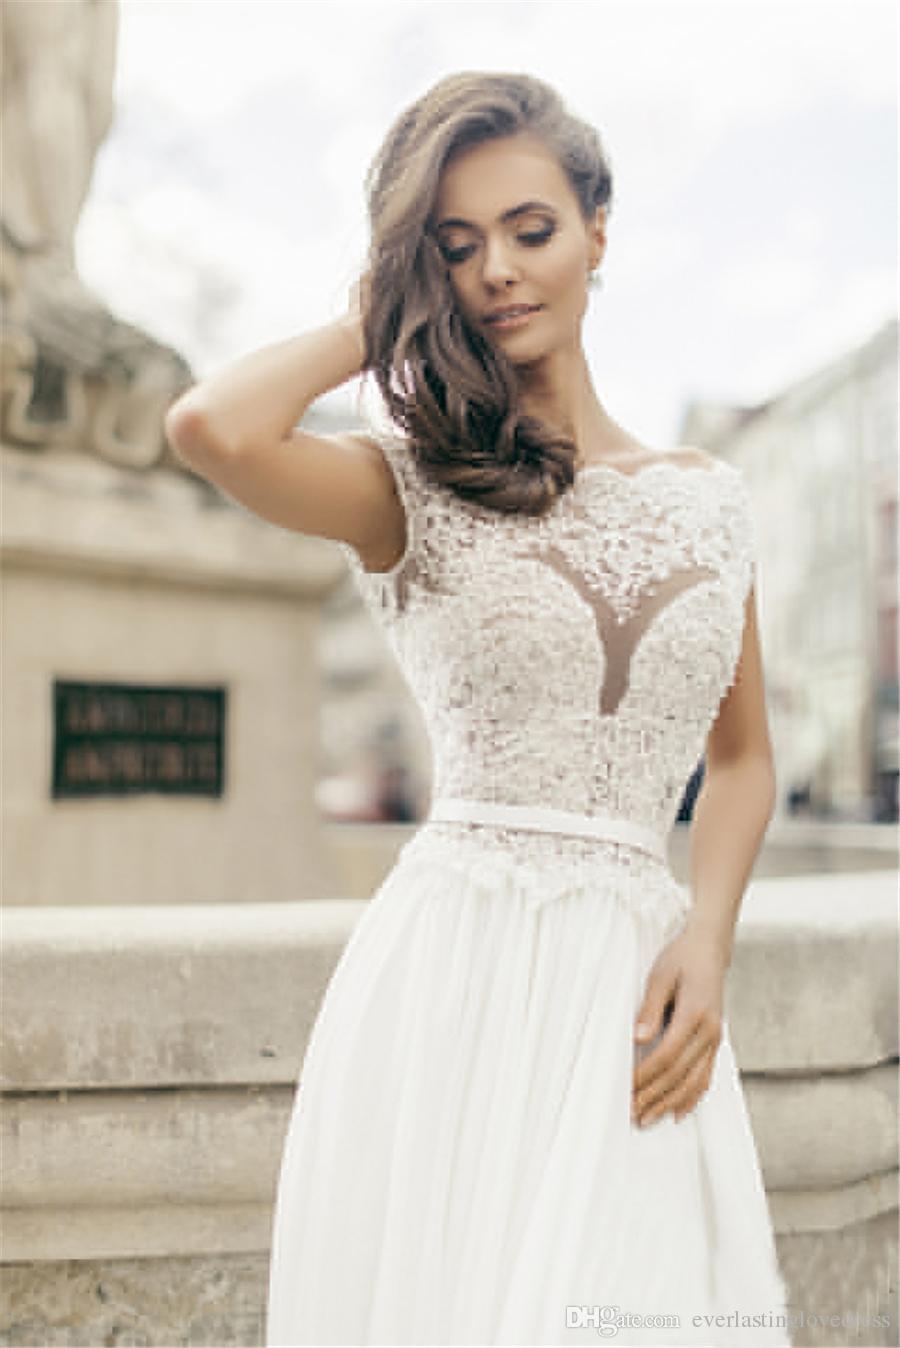 Top in pizzo Applique corsetto A-line da cerimonia nuziale chiffon senza maniche Vedere attraverso Customzied abito da sposa vestidos de Noiva sereia